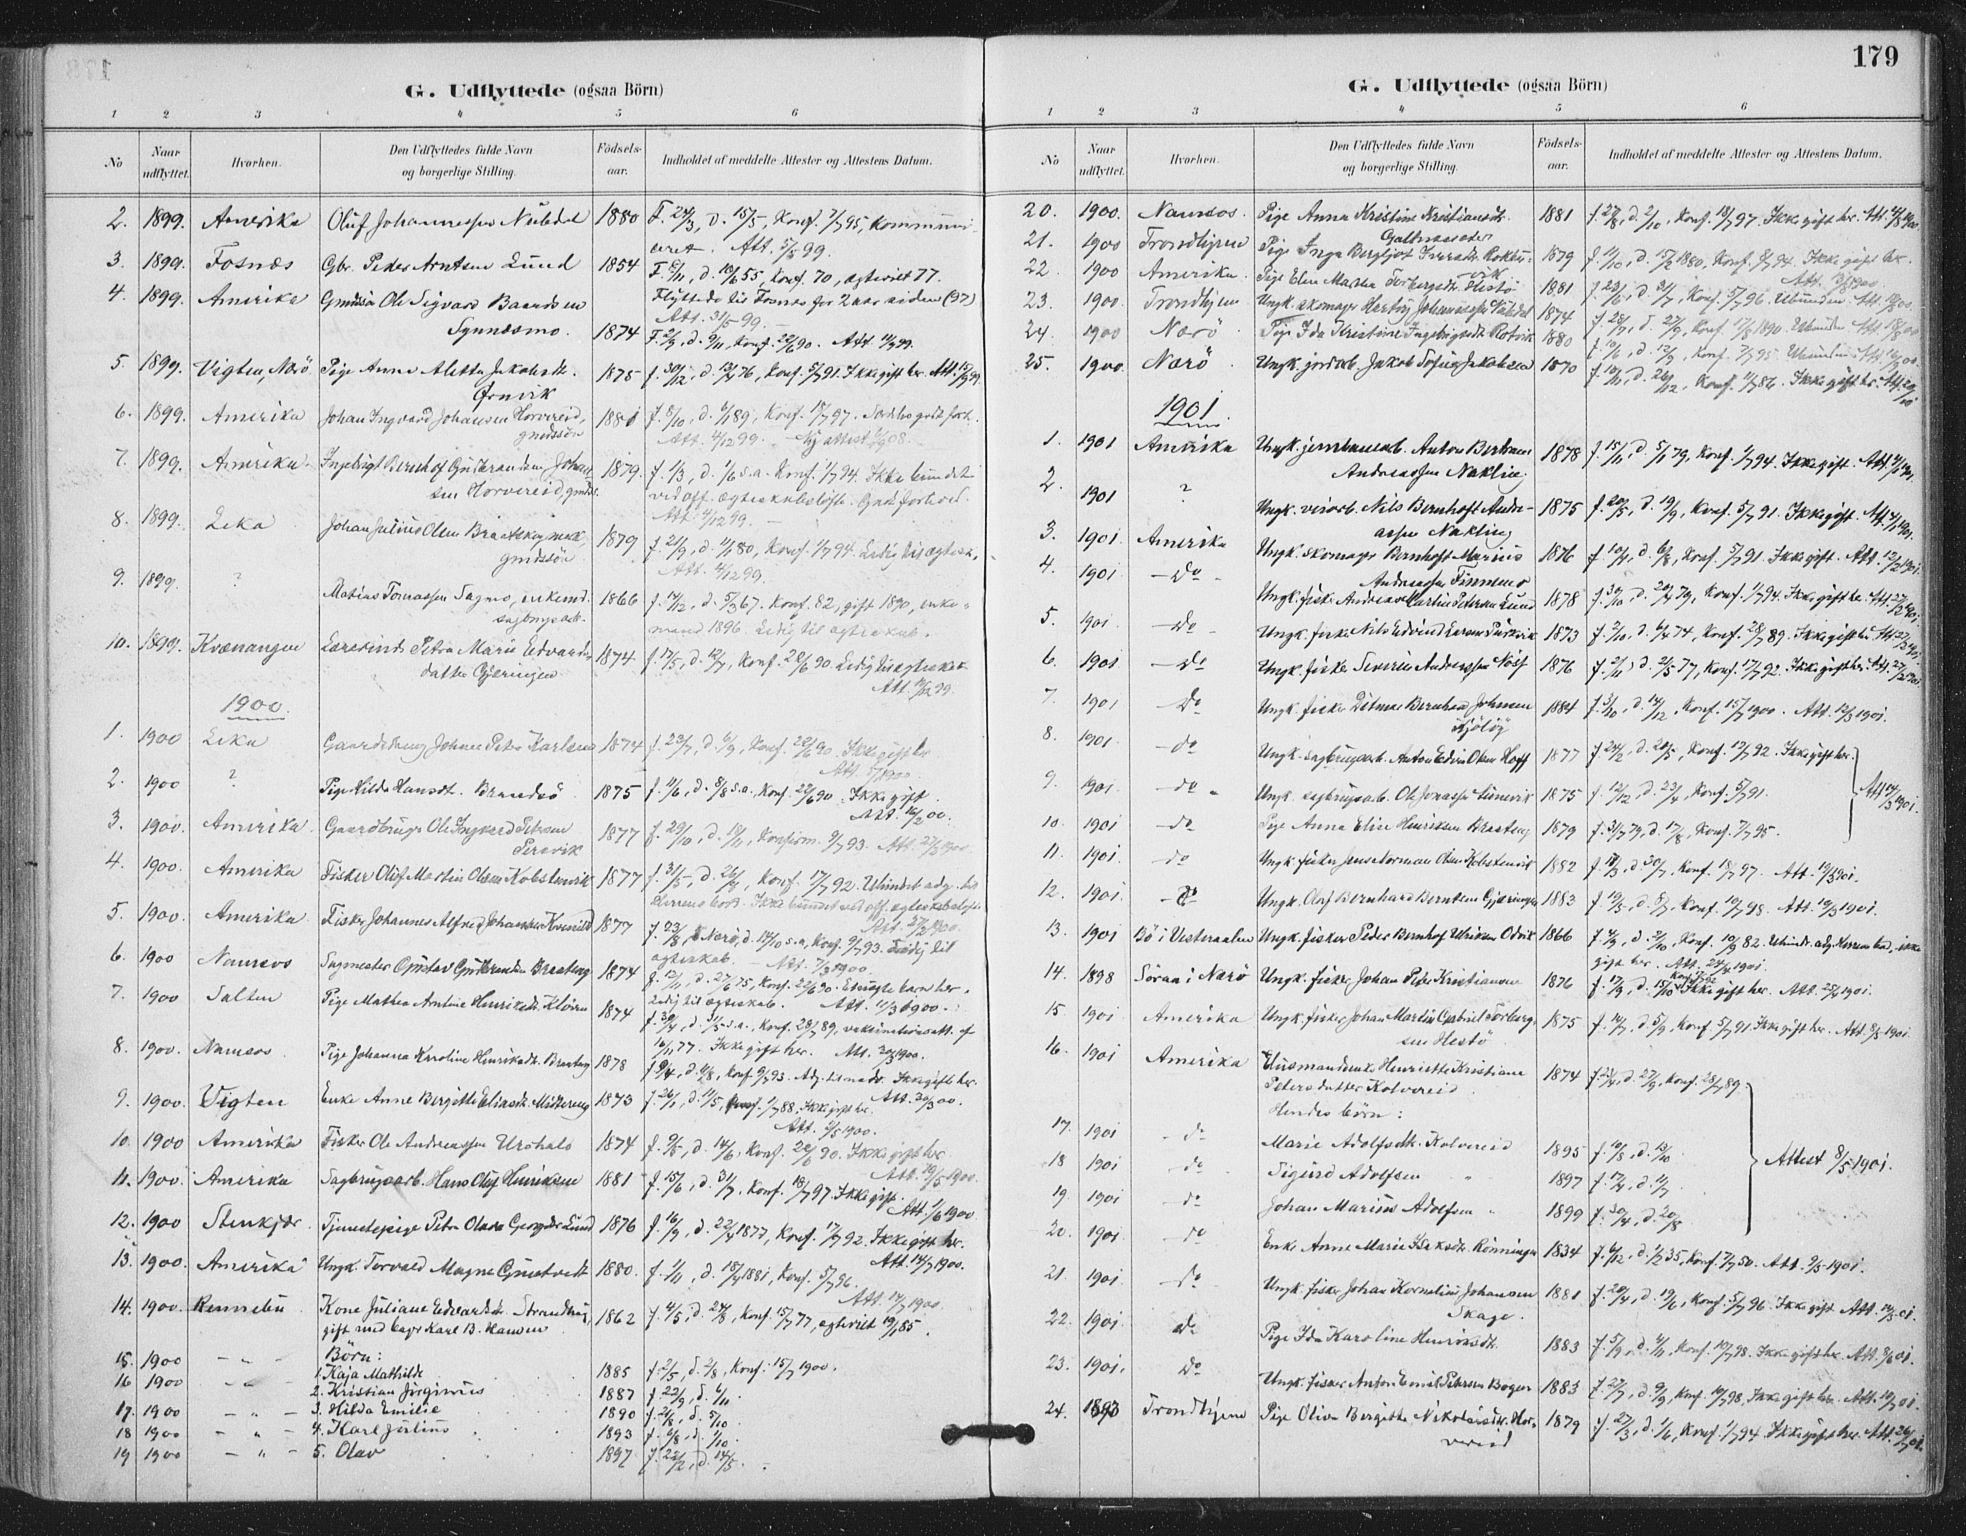 SAT, Ministerialprotokoller, klokkerbøker og fødselsregistre - Nord-Trøndelag, 780/L0644: Ministerialbok nr. 780A08, 1886-1903, s. 179